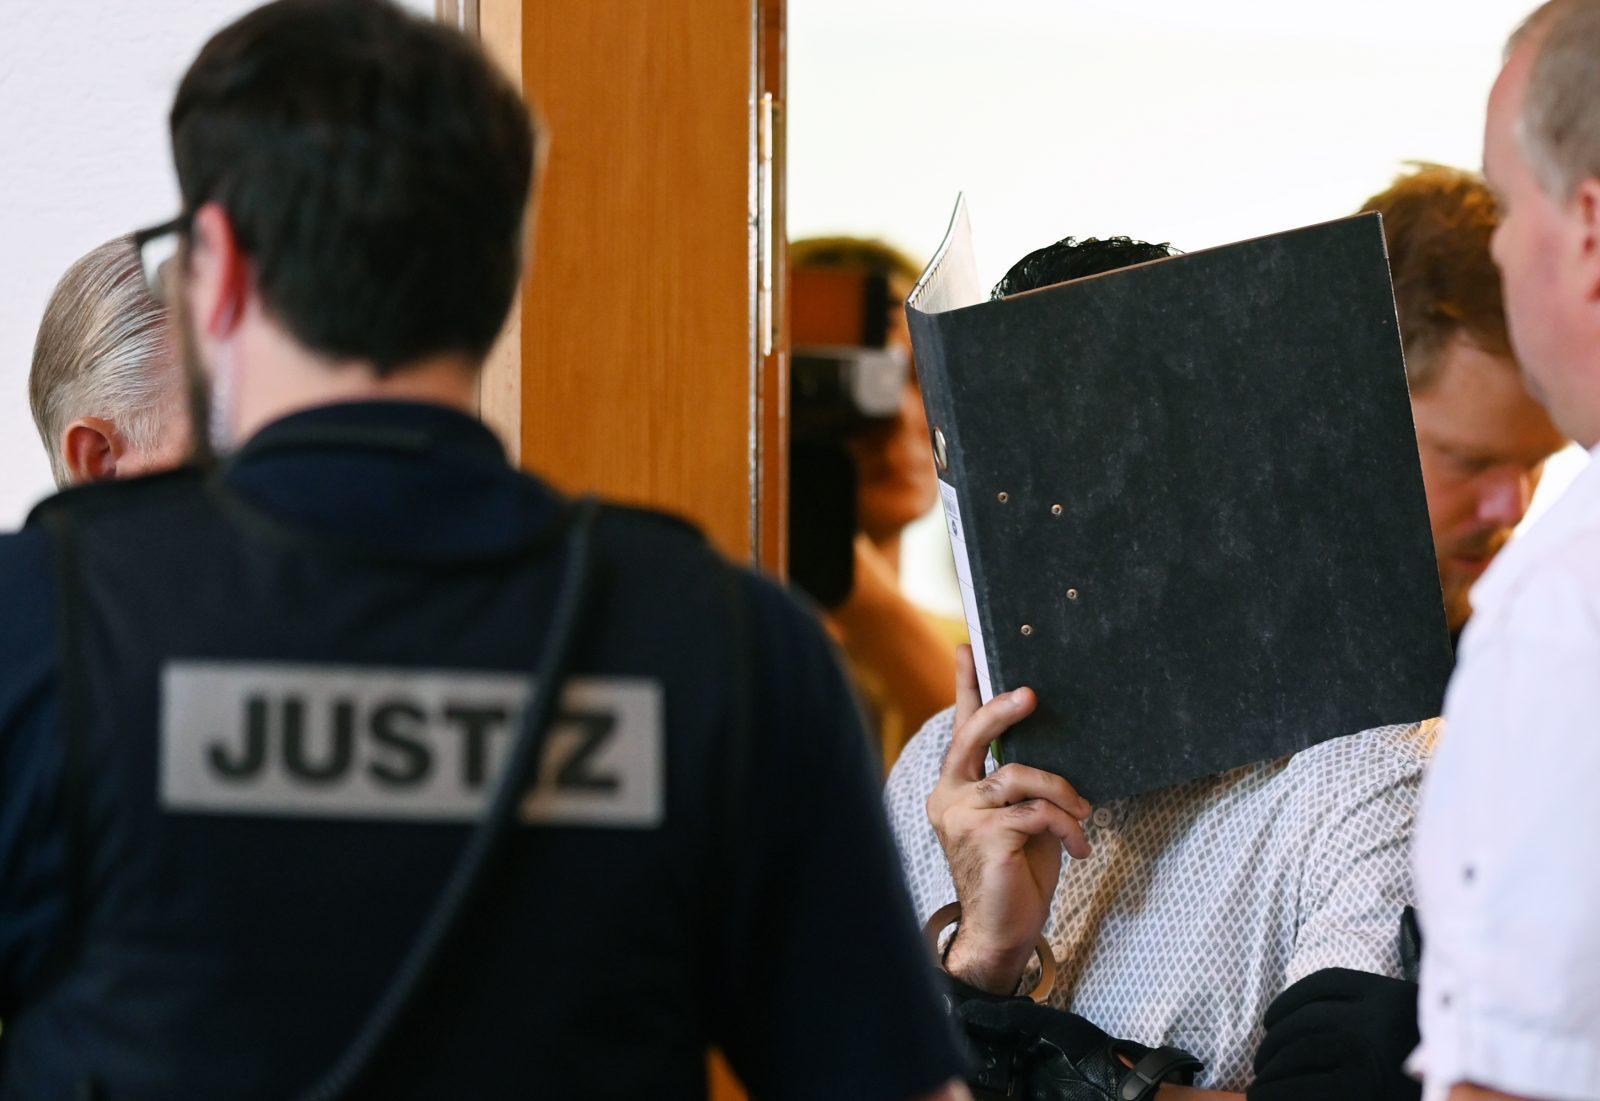 Einer der Angeklagten wird in den Saal des Freiburger Landgerichtes geführt (Archivbild) Foto: picture alliance/Patrick Seeger/dpa